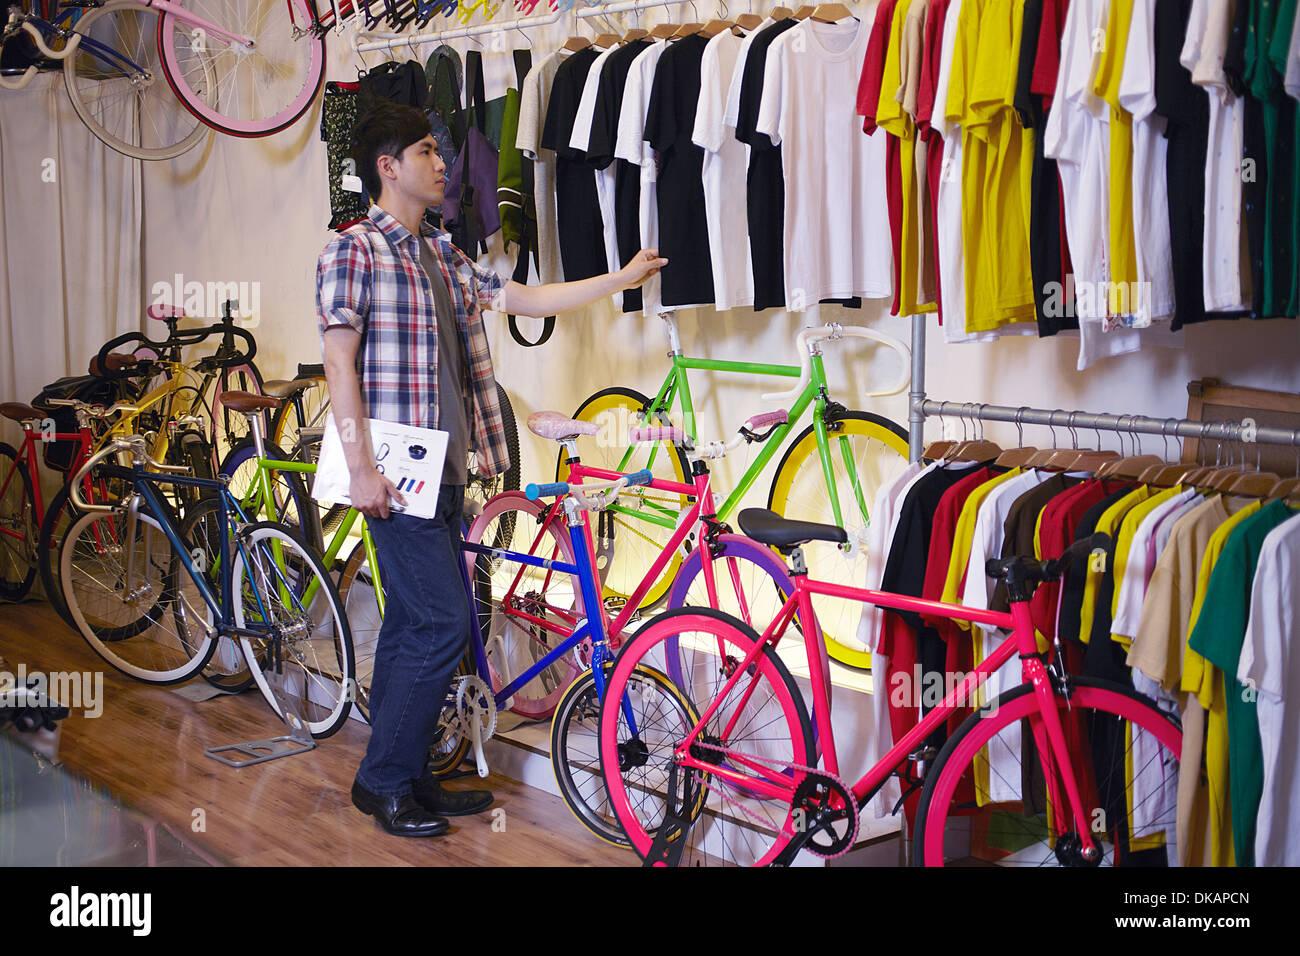 Giovane uomo nel negozio di biciclette scegliendo t shirt Immagini Stock